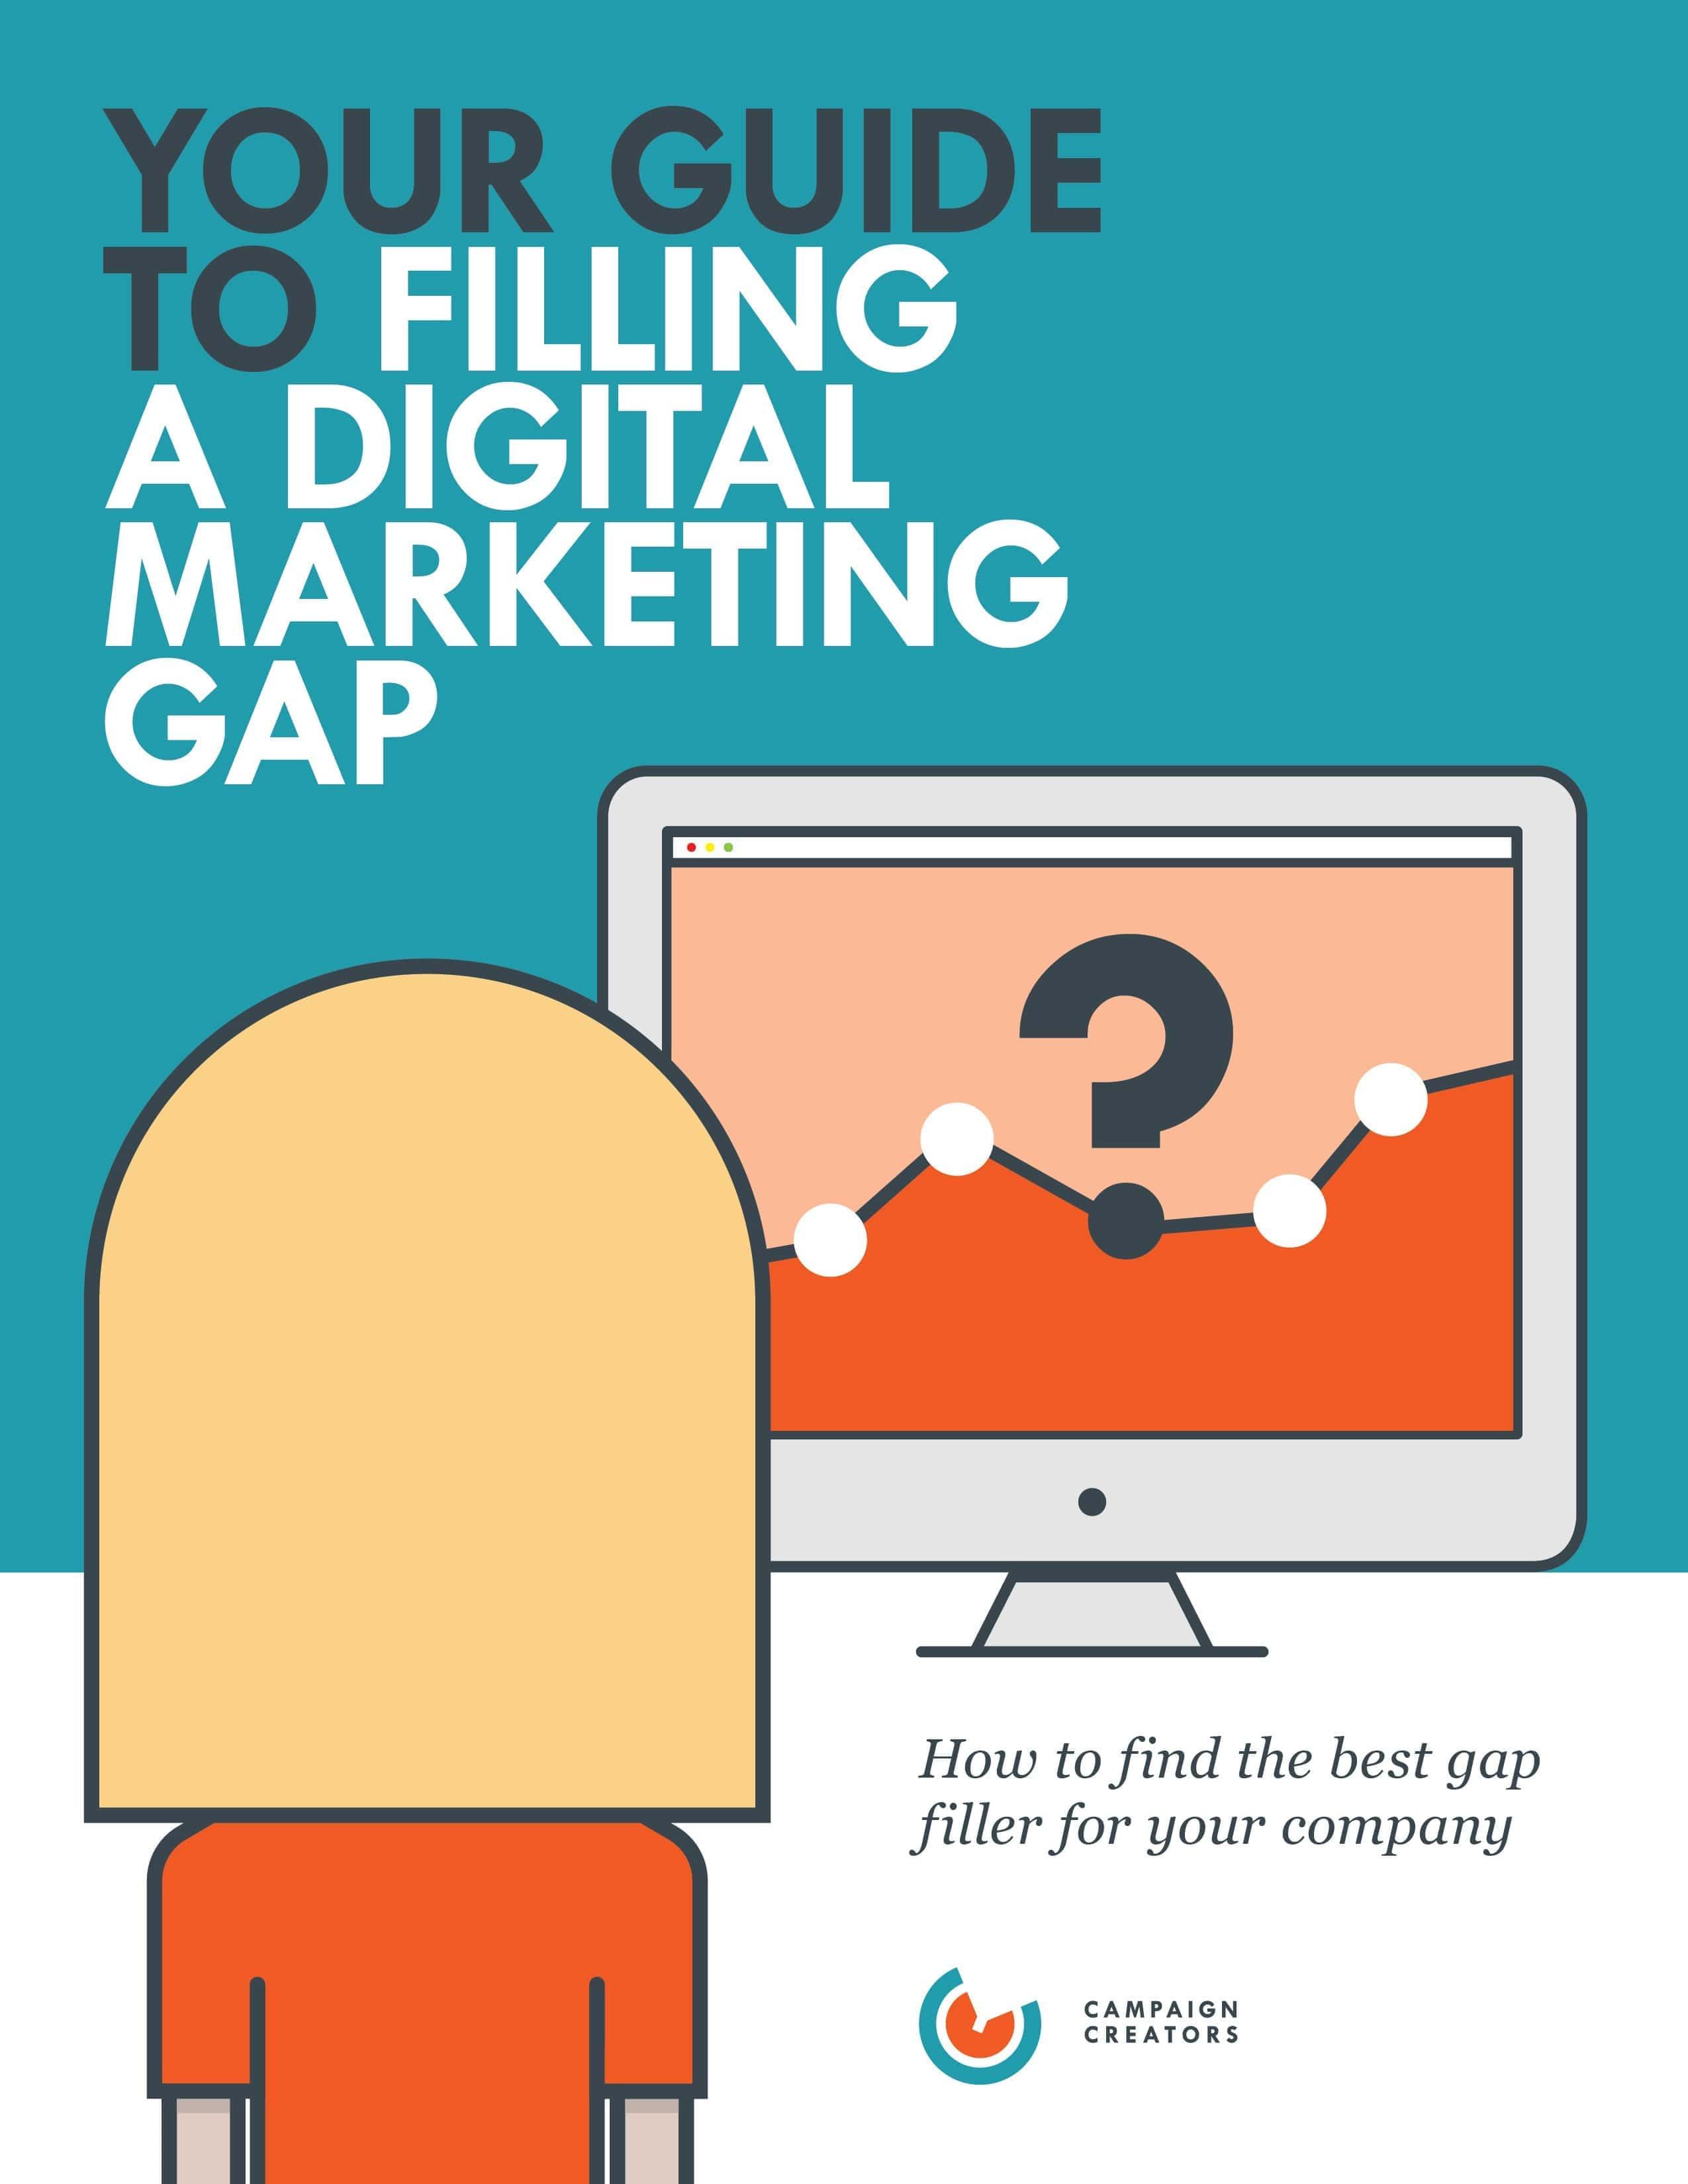 fill-marketing-gaps-guide.jpg